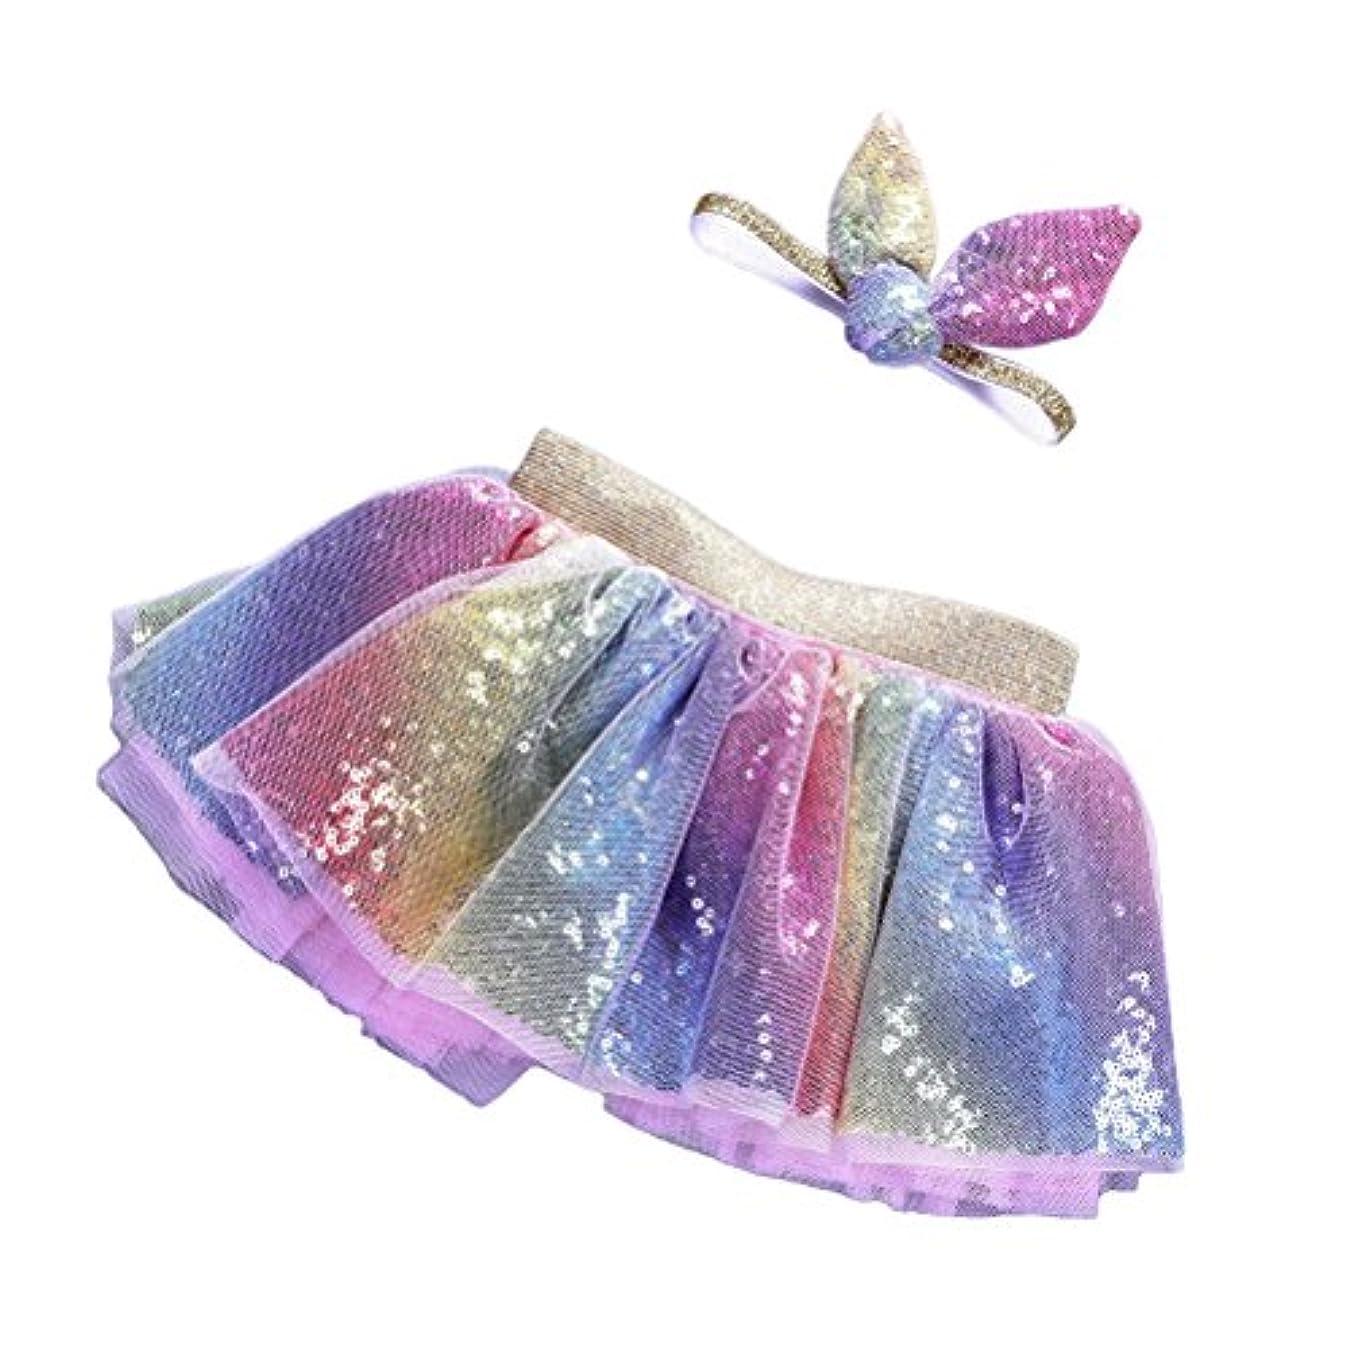 戦闘ユーモラスモニカLUOEM 2PCSレインボーツツスカート(ヘッドバンド付き)プリンセスガールツツーの服装ベイビーガールズ誕生日の服セットサイズL(4-8歳)